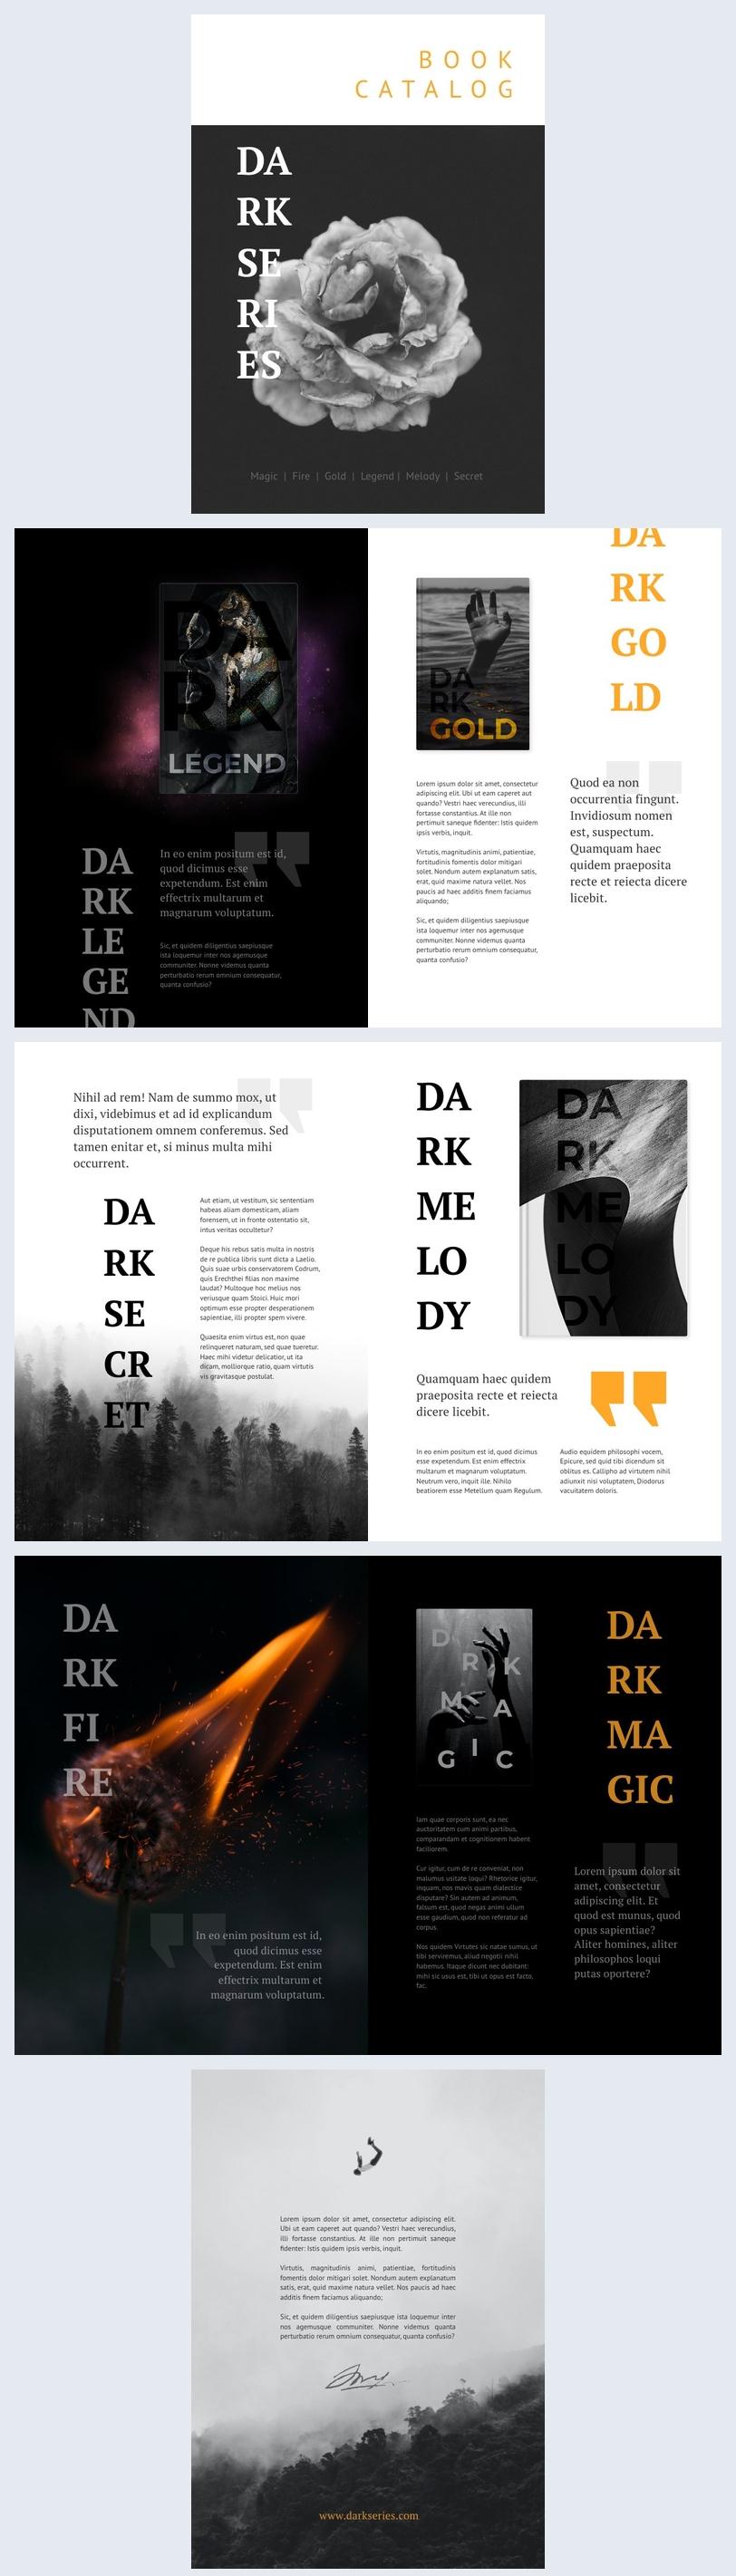 Exemplo de Design de Catálogo de Livros Editável